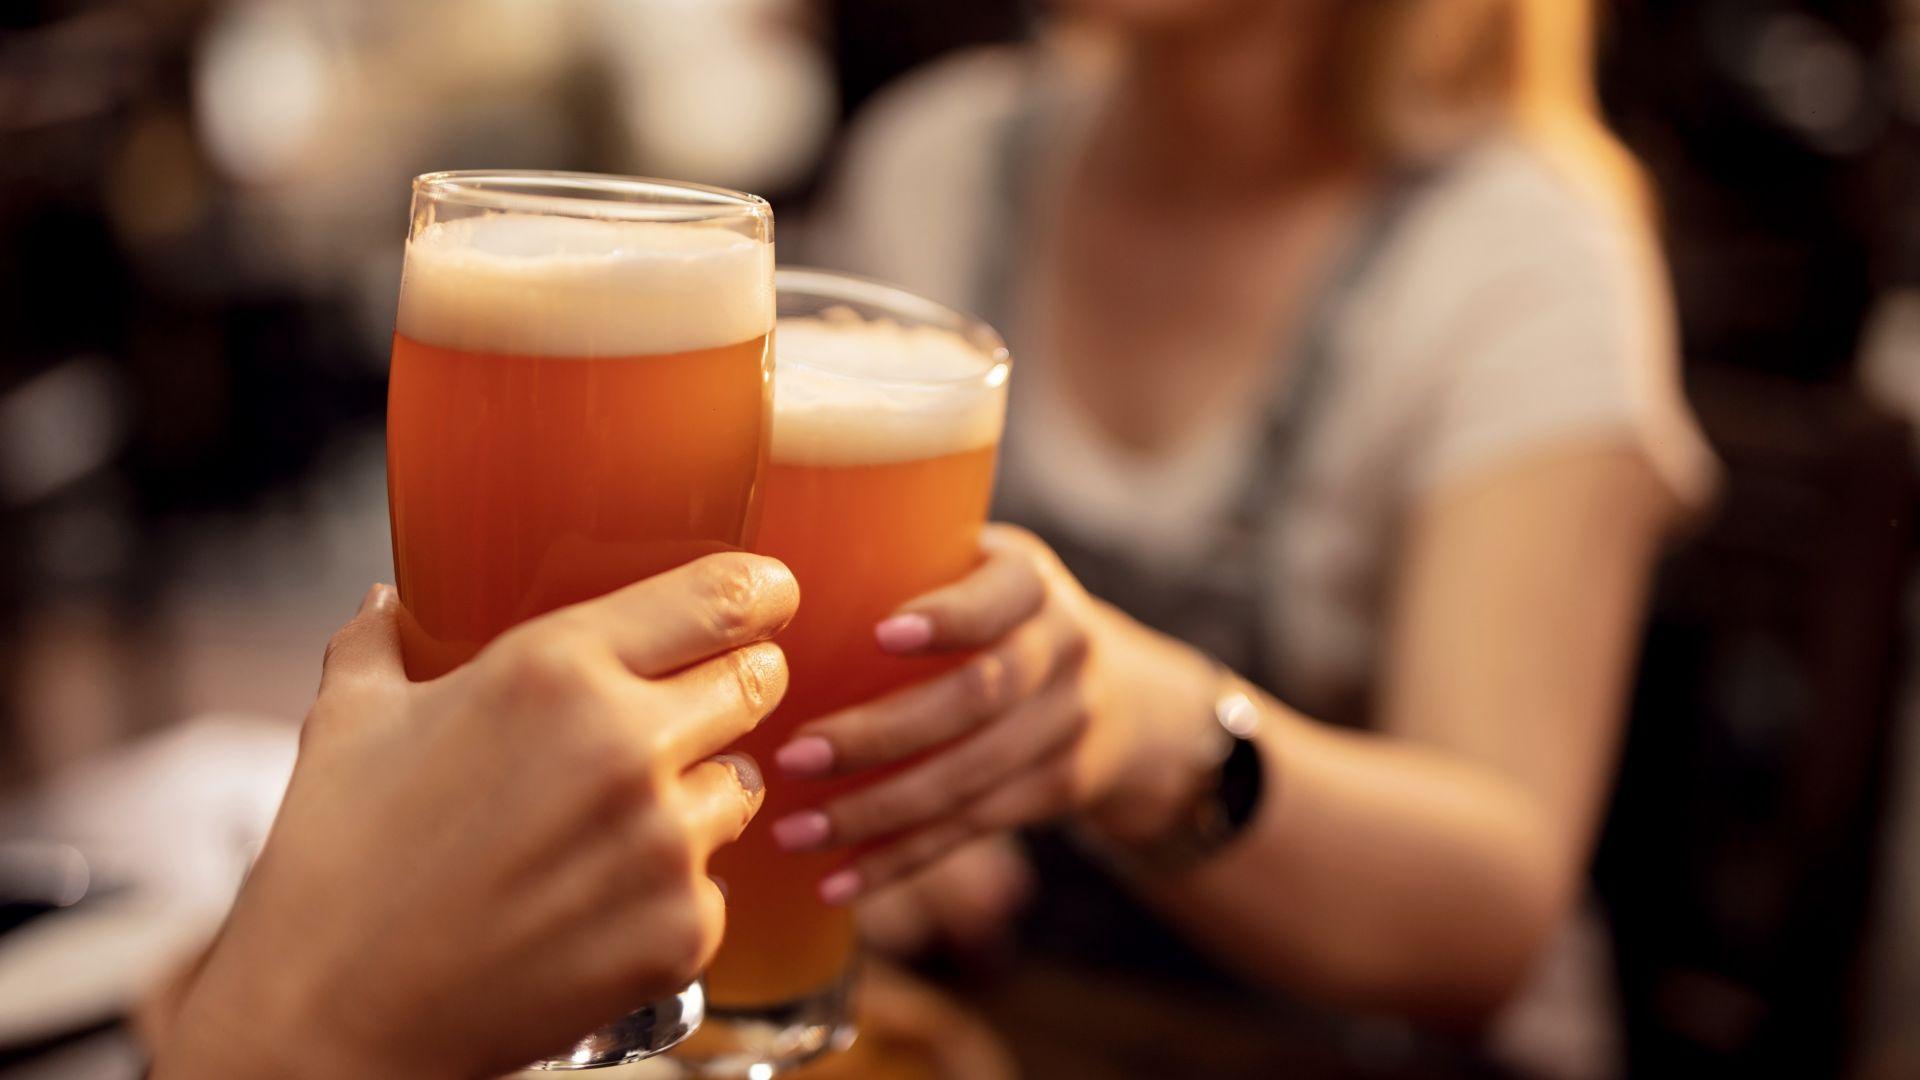 Безплатна бира - идеалният начин да разчупиш леда, ако си нов в квартала